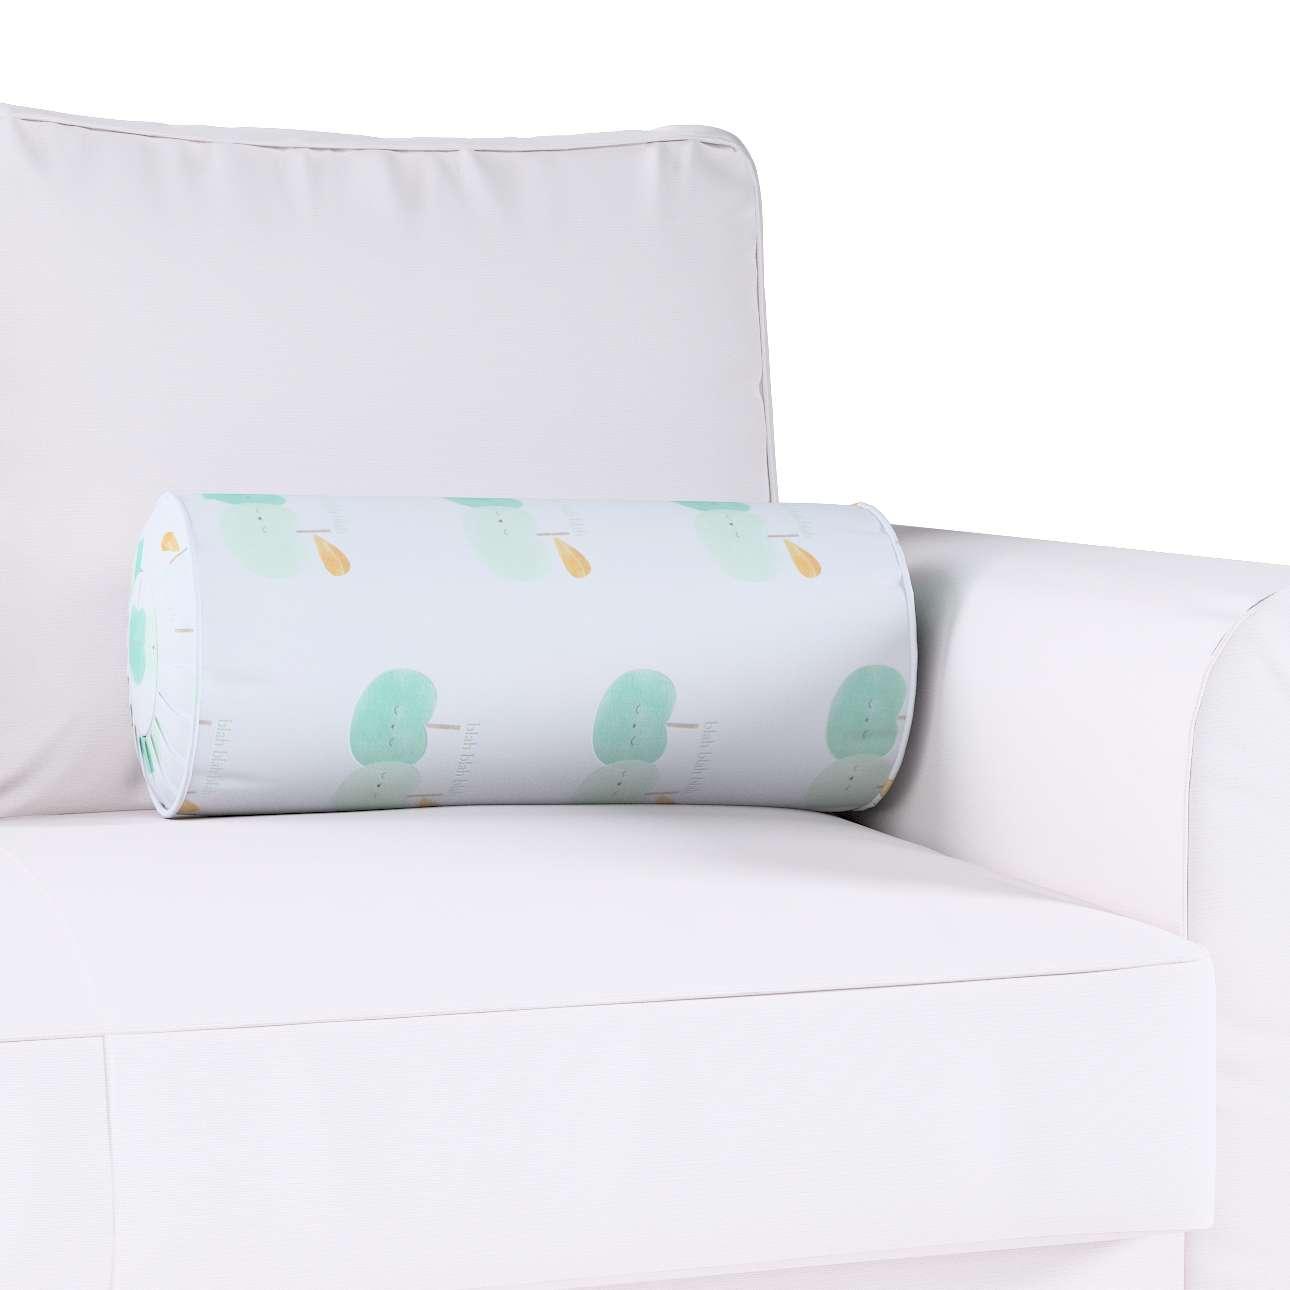 Ritinio formos  pagalvėlė su klostėmis kolekcijoje Apanona, audinys: 151-02